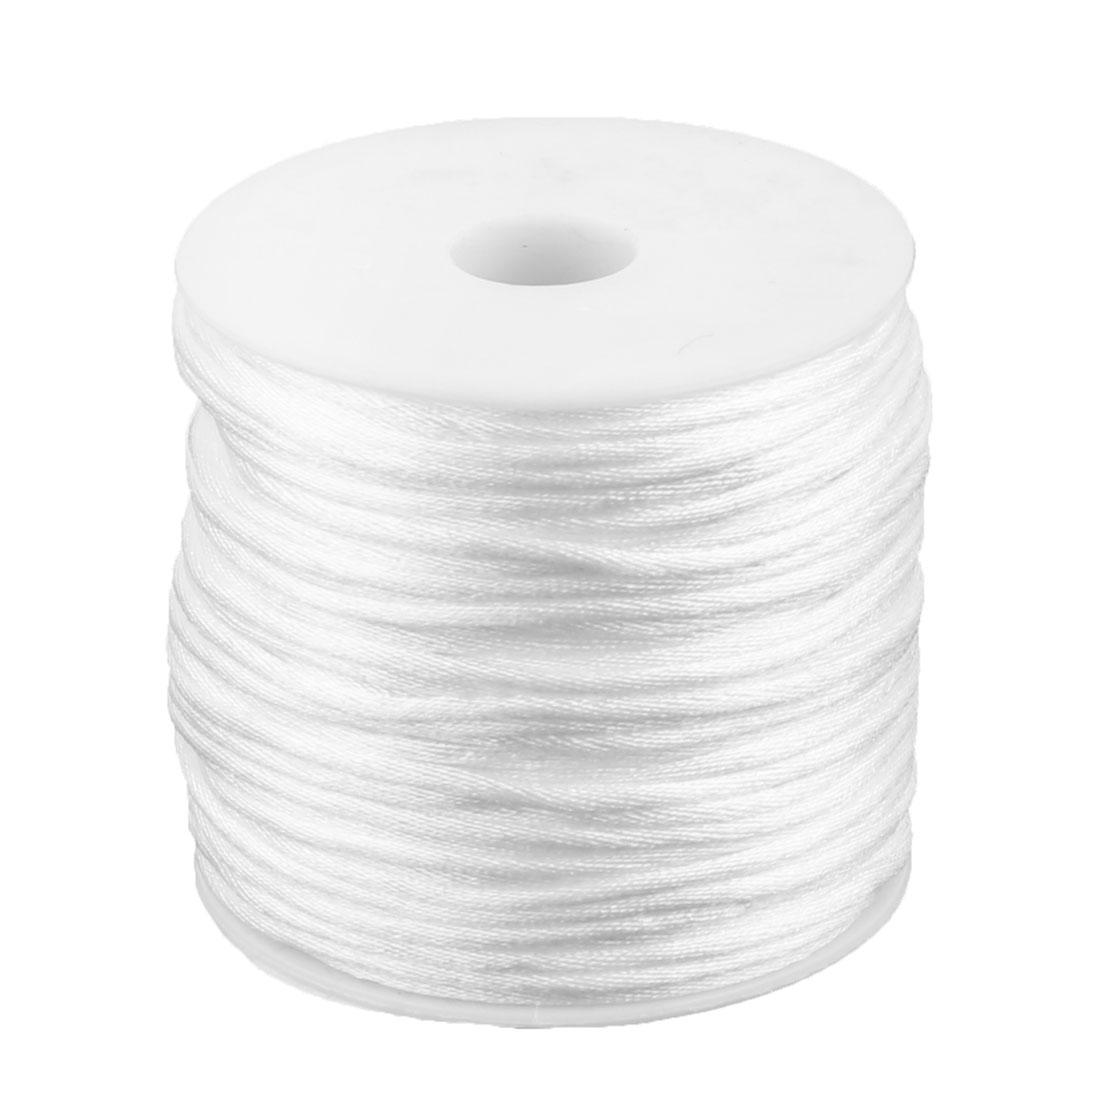 Nylon Handicraft Braided Adornment Chinese Knot String White 2mm Dia 49 Yards